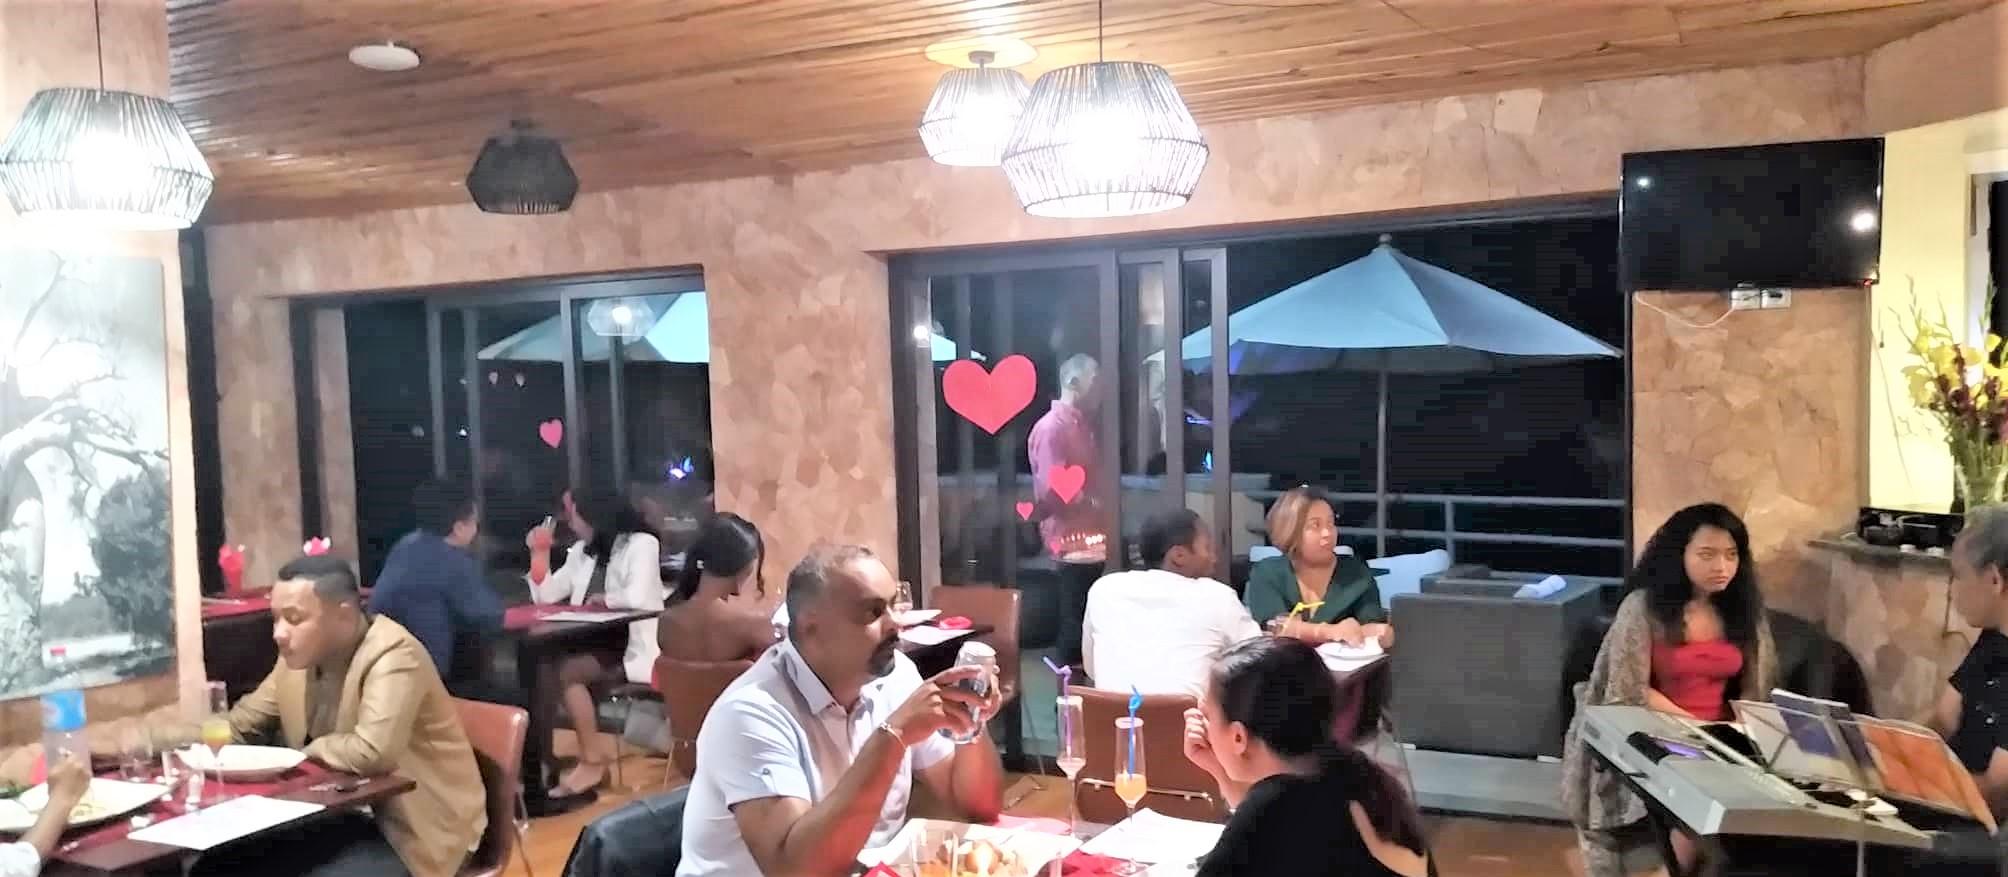 La Saint Valentin fêtée au Havana Resort & Spa, soirée du 14 Février 2020